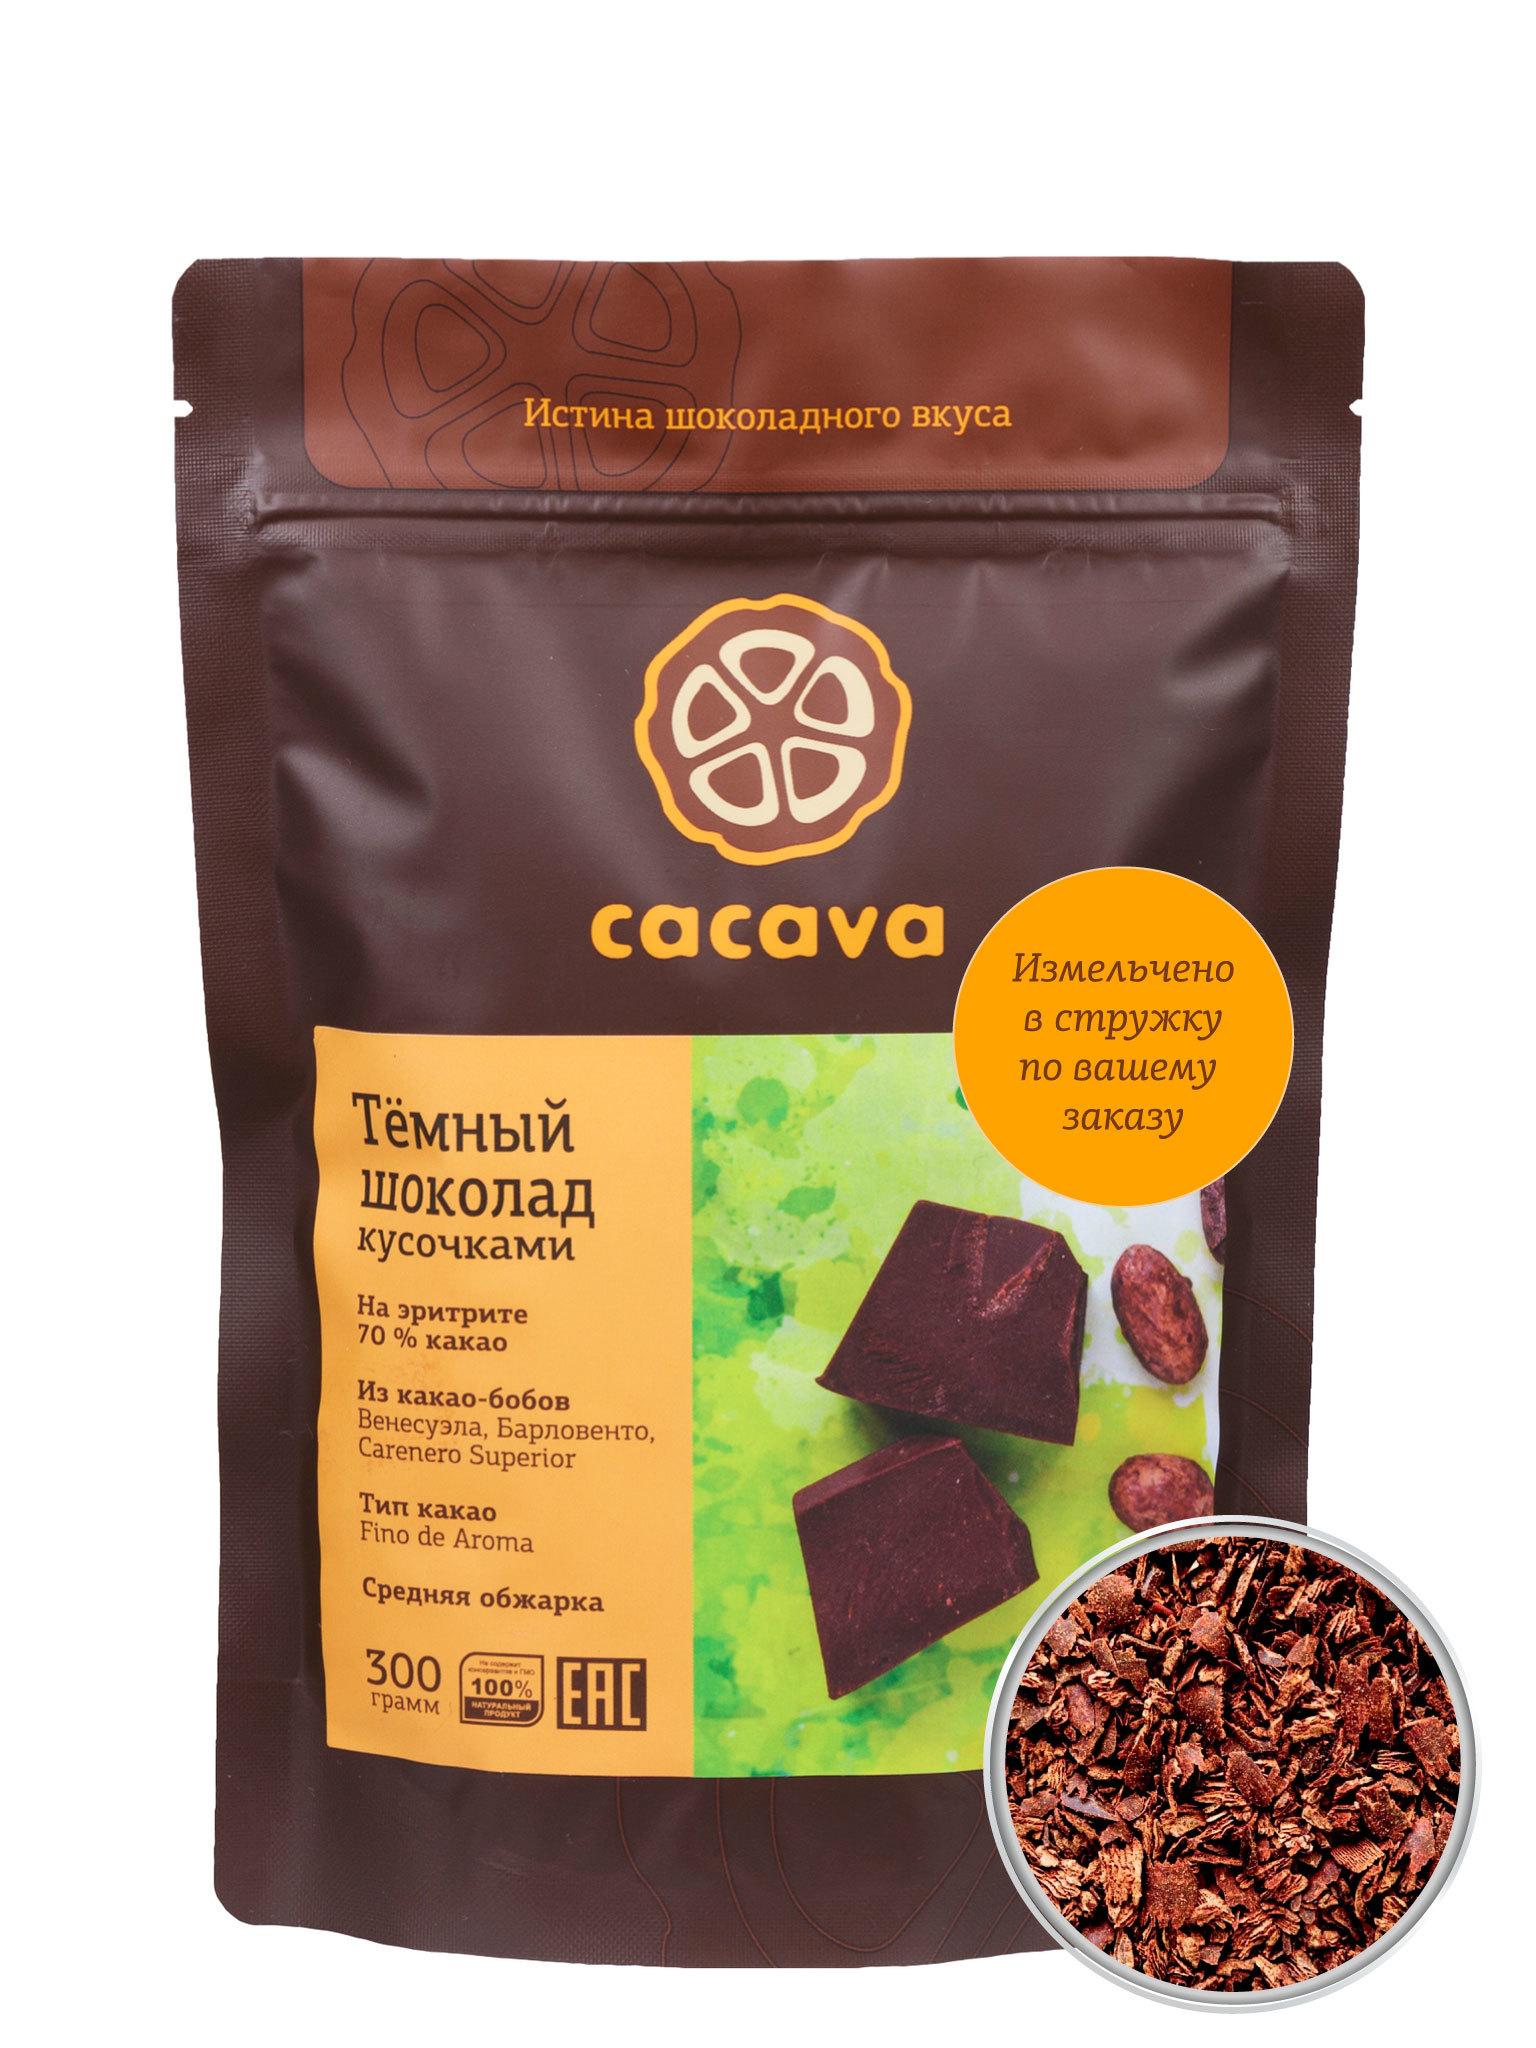 Тёмный шоколад 70 % какао в стружке, на эритрите, упаковка 300 грамм